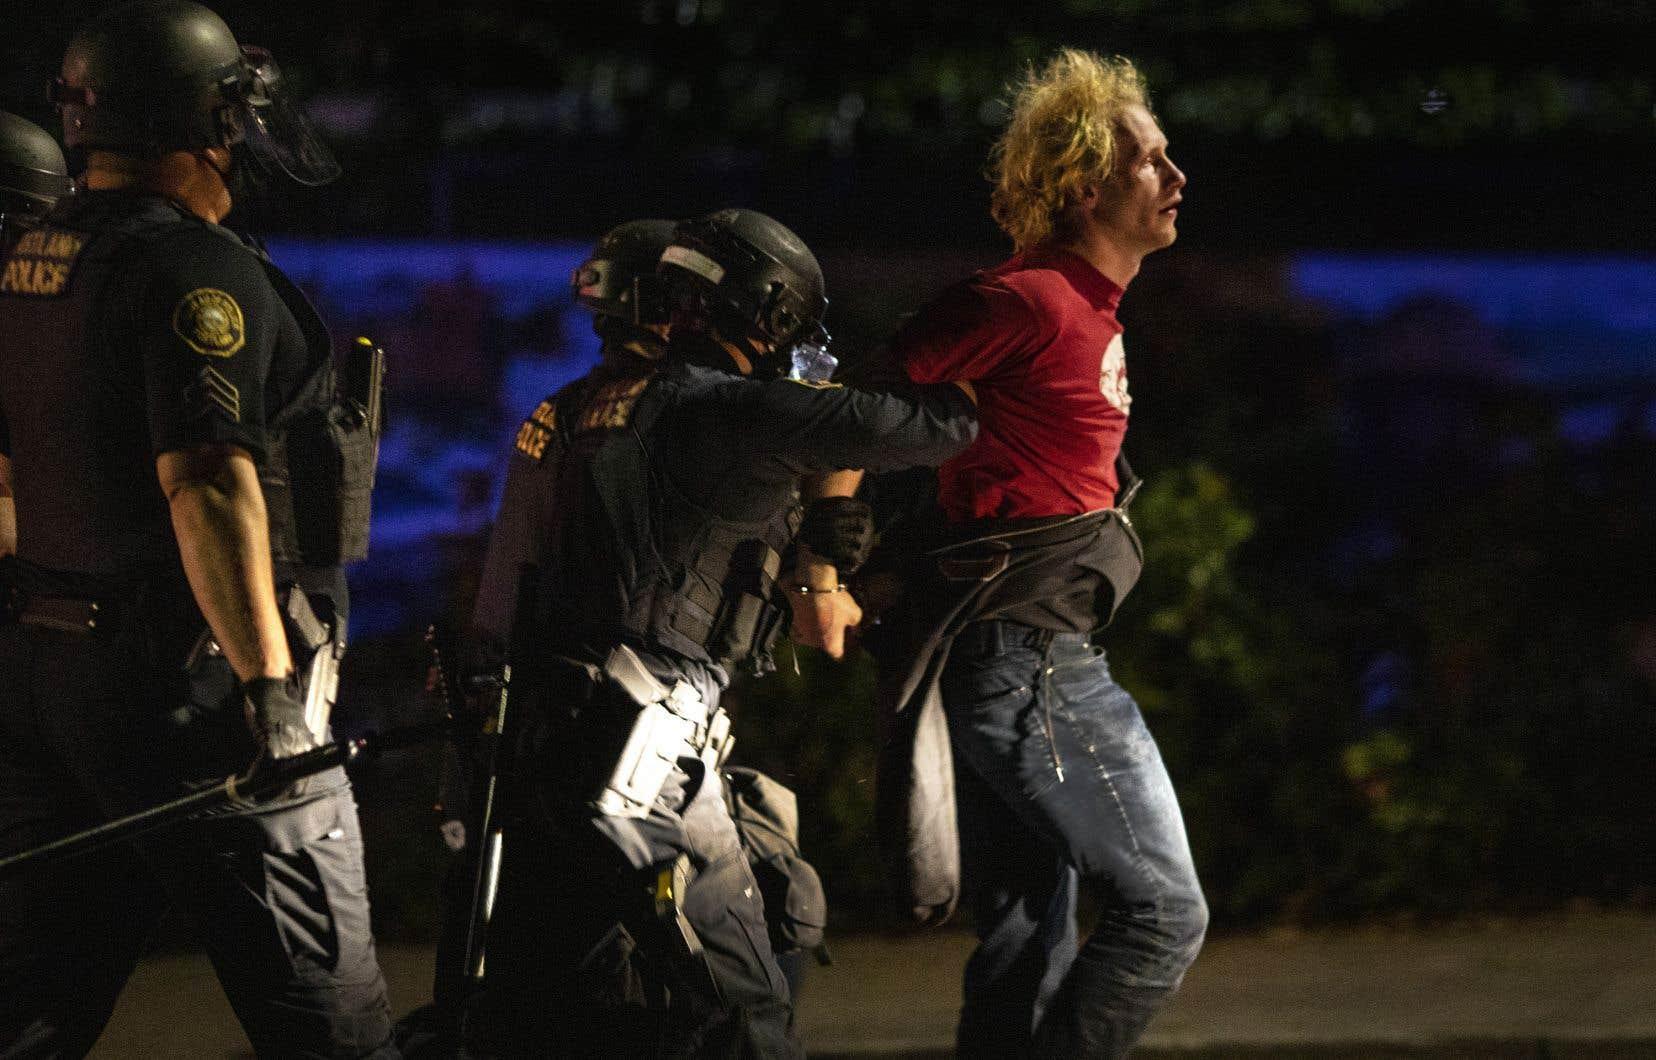 La ville est le lieu de manifestations quotidiennes contre les violences policières aux États-Unis depuis la mort en mai de George Floyd, un quadragénaire noir asphyxié sous le genou d'un policier blanc.